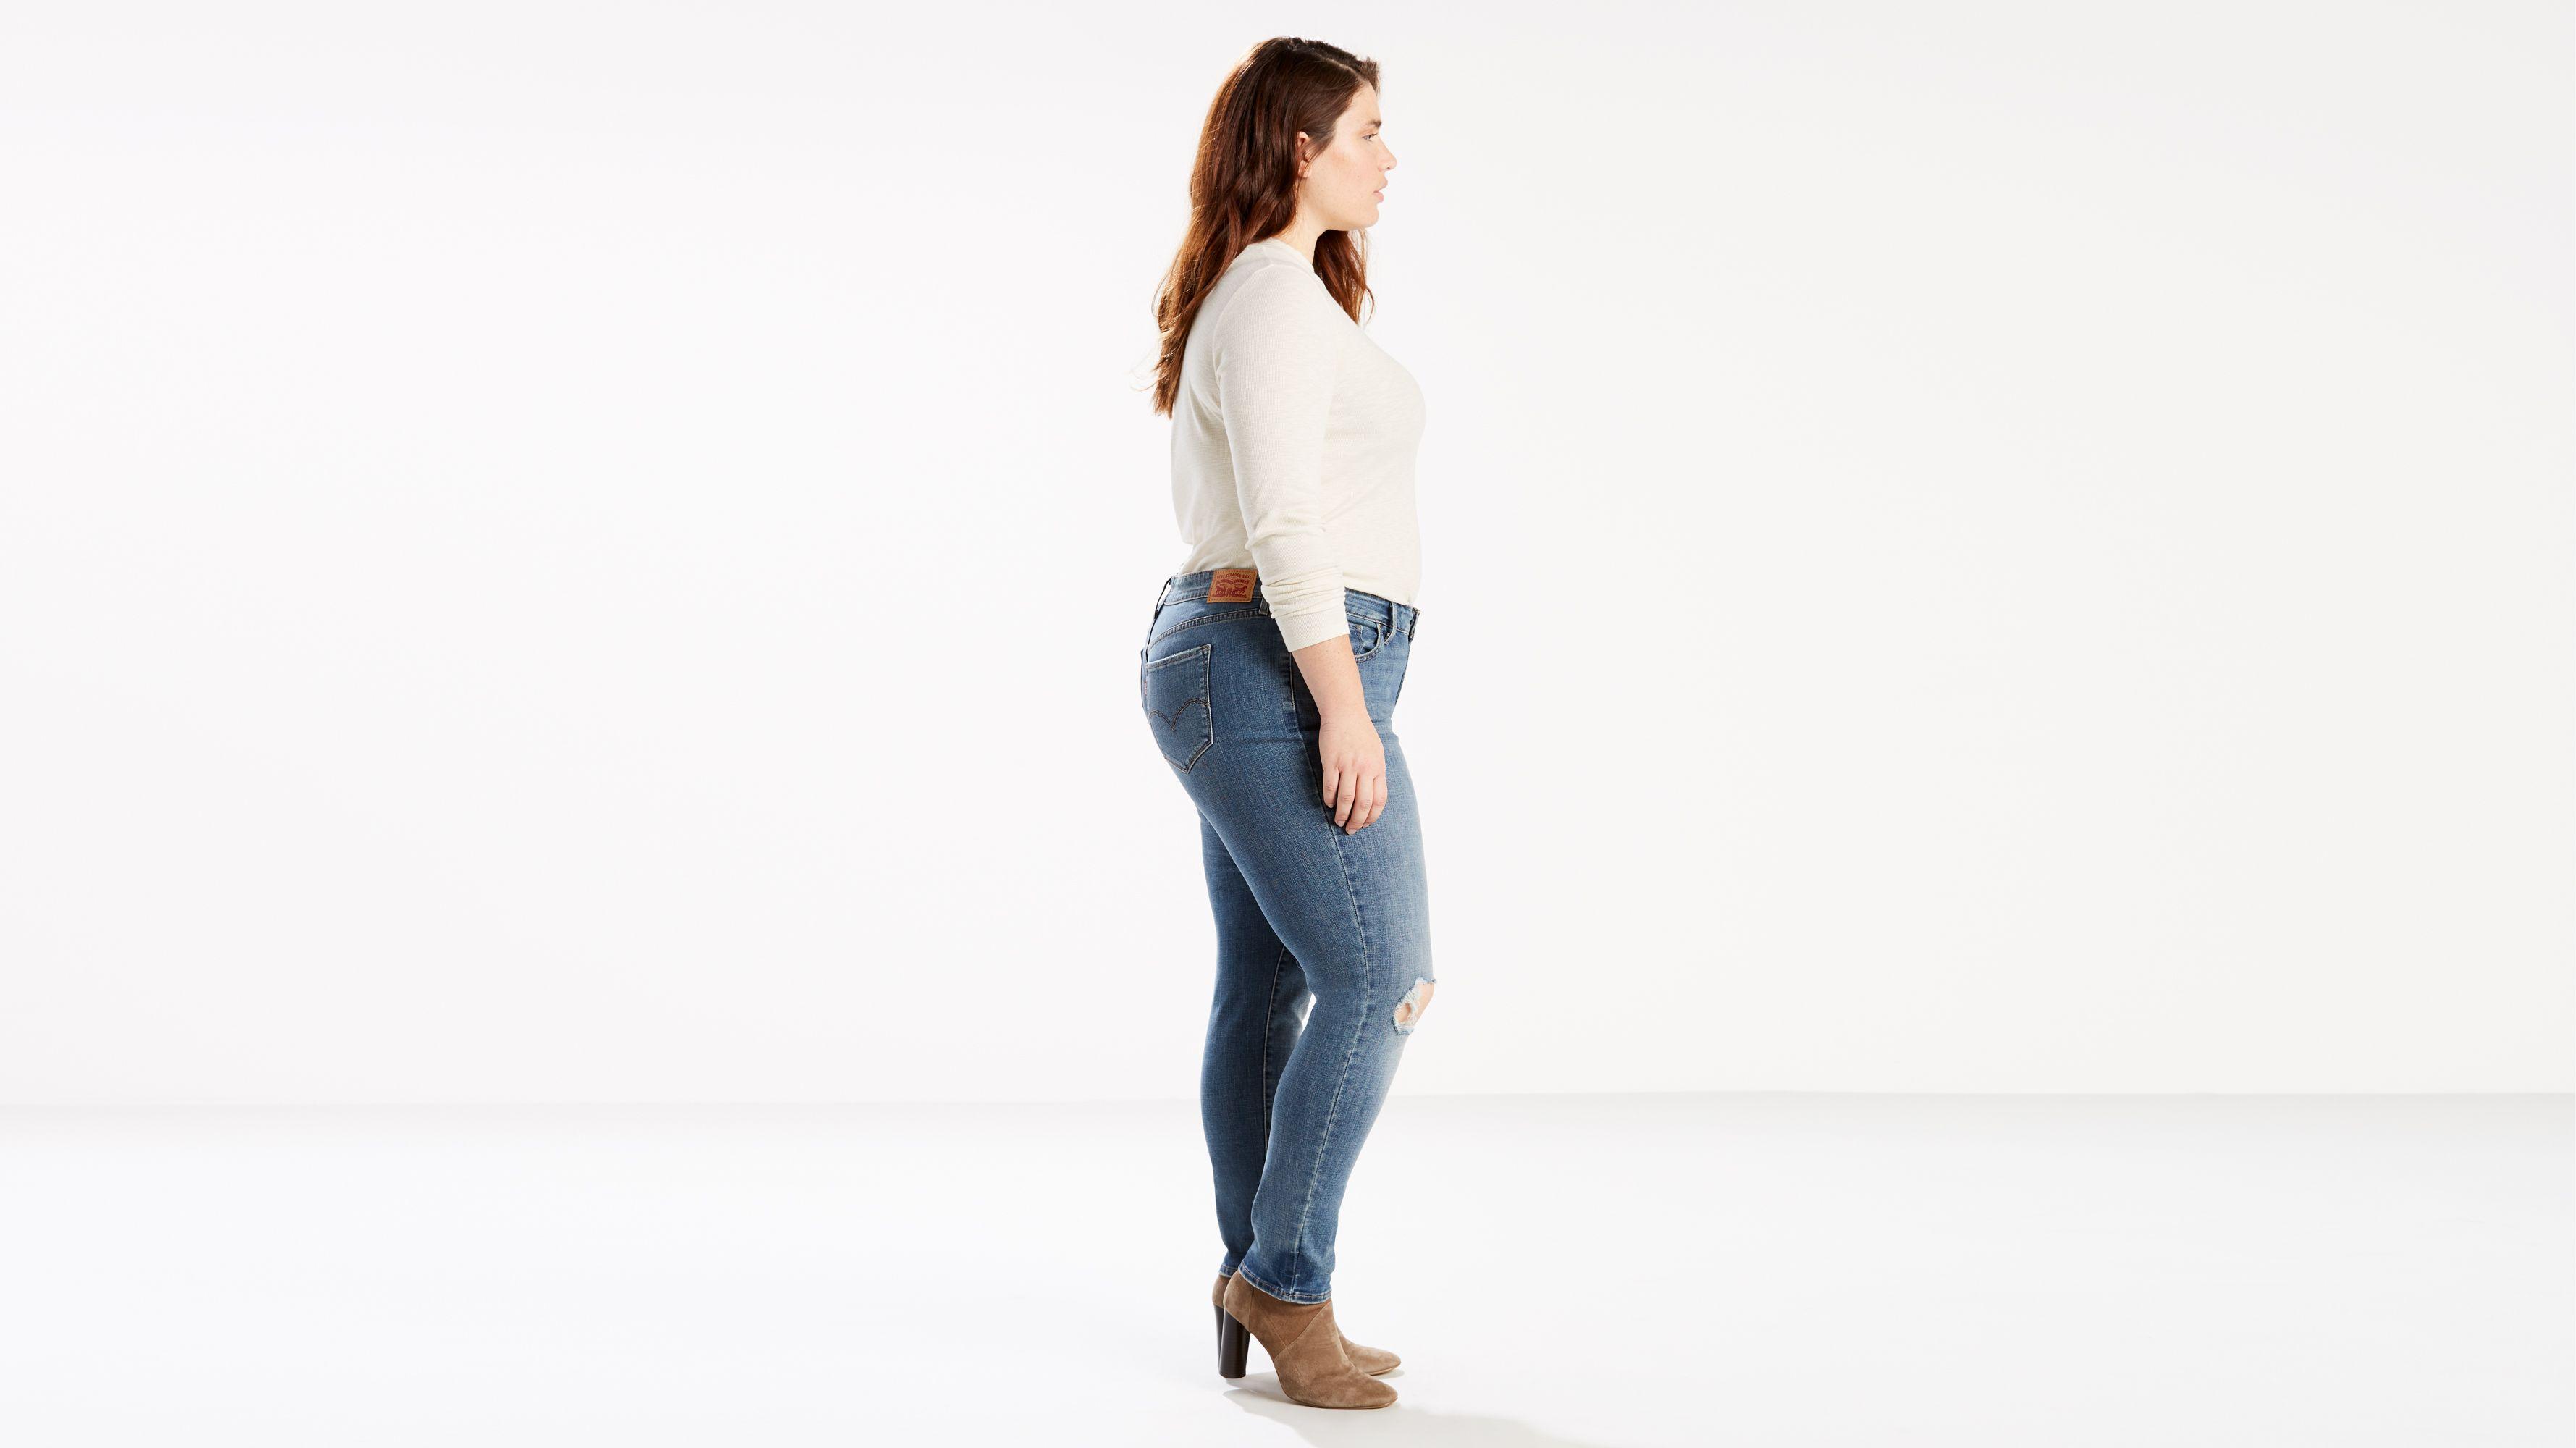 22W MSRP $54.50 Women/'s Plus Size Levi/'s 711 Skinny Ankle Jeans Sizes 18W 20W